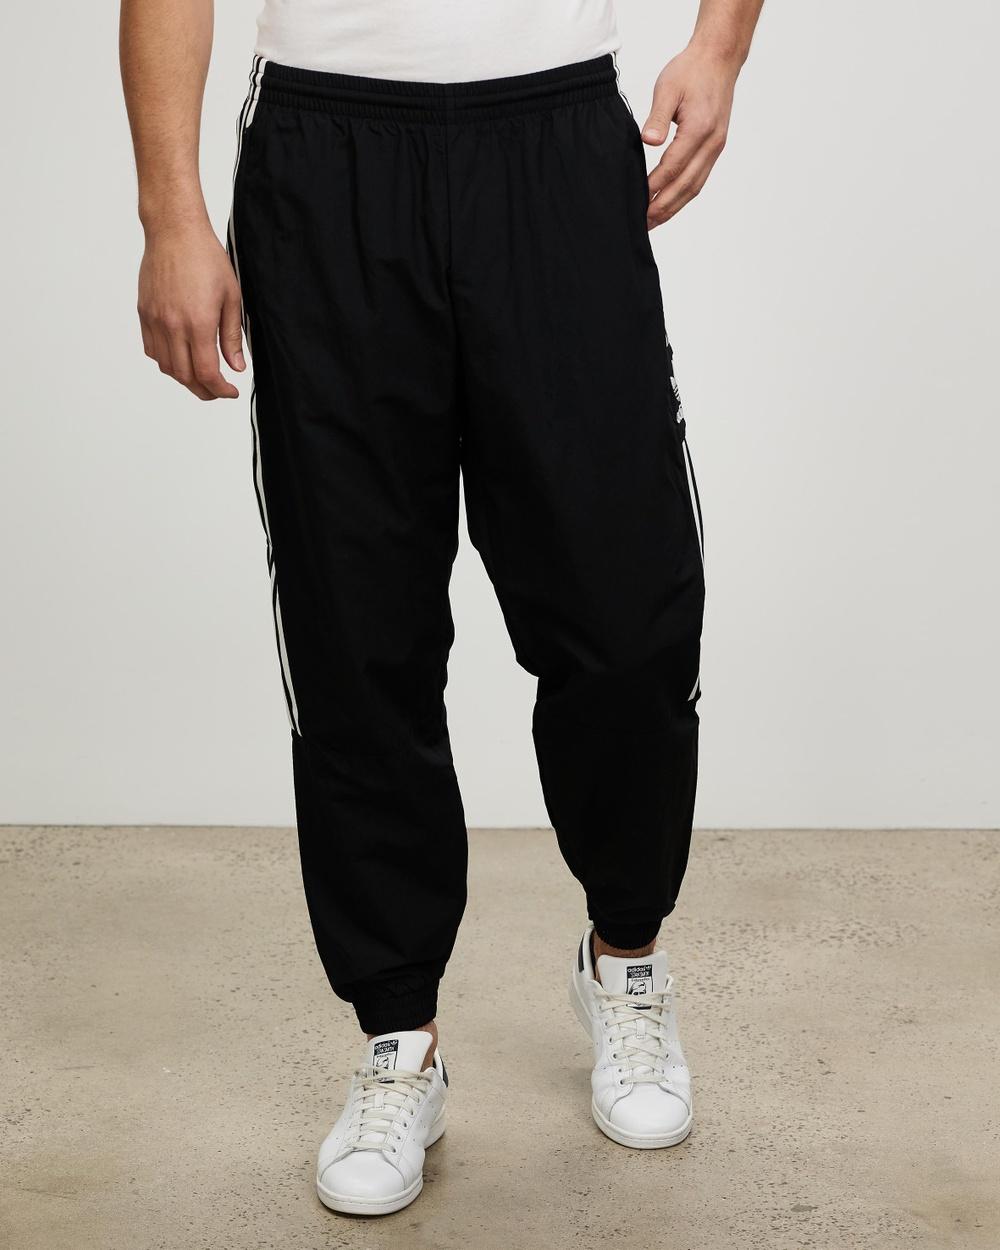 adidas Originals Adicolour Classics Lock Up Trefoil Track Pants Black Lock-Up